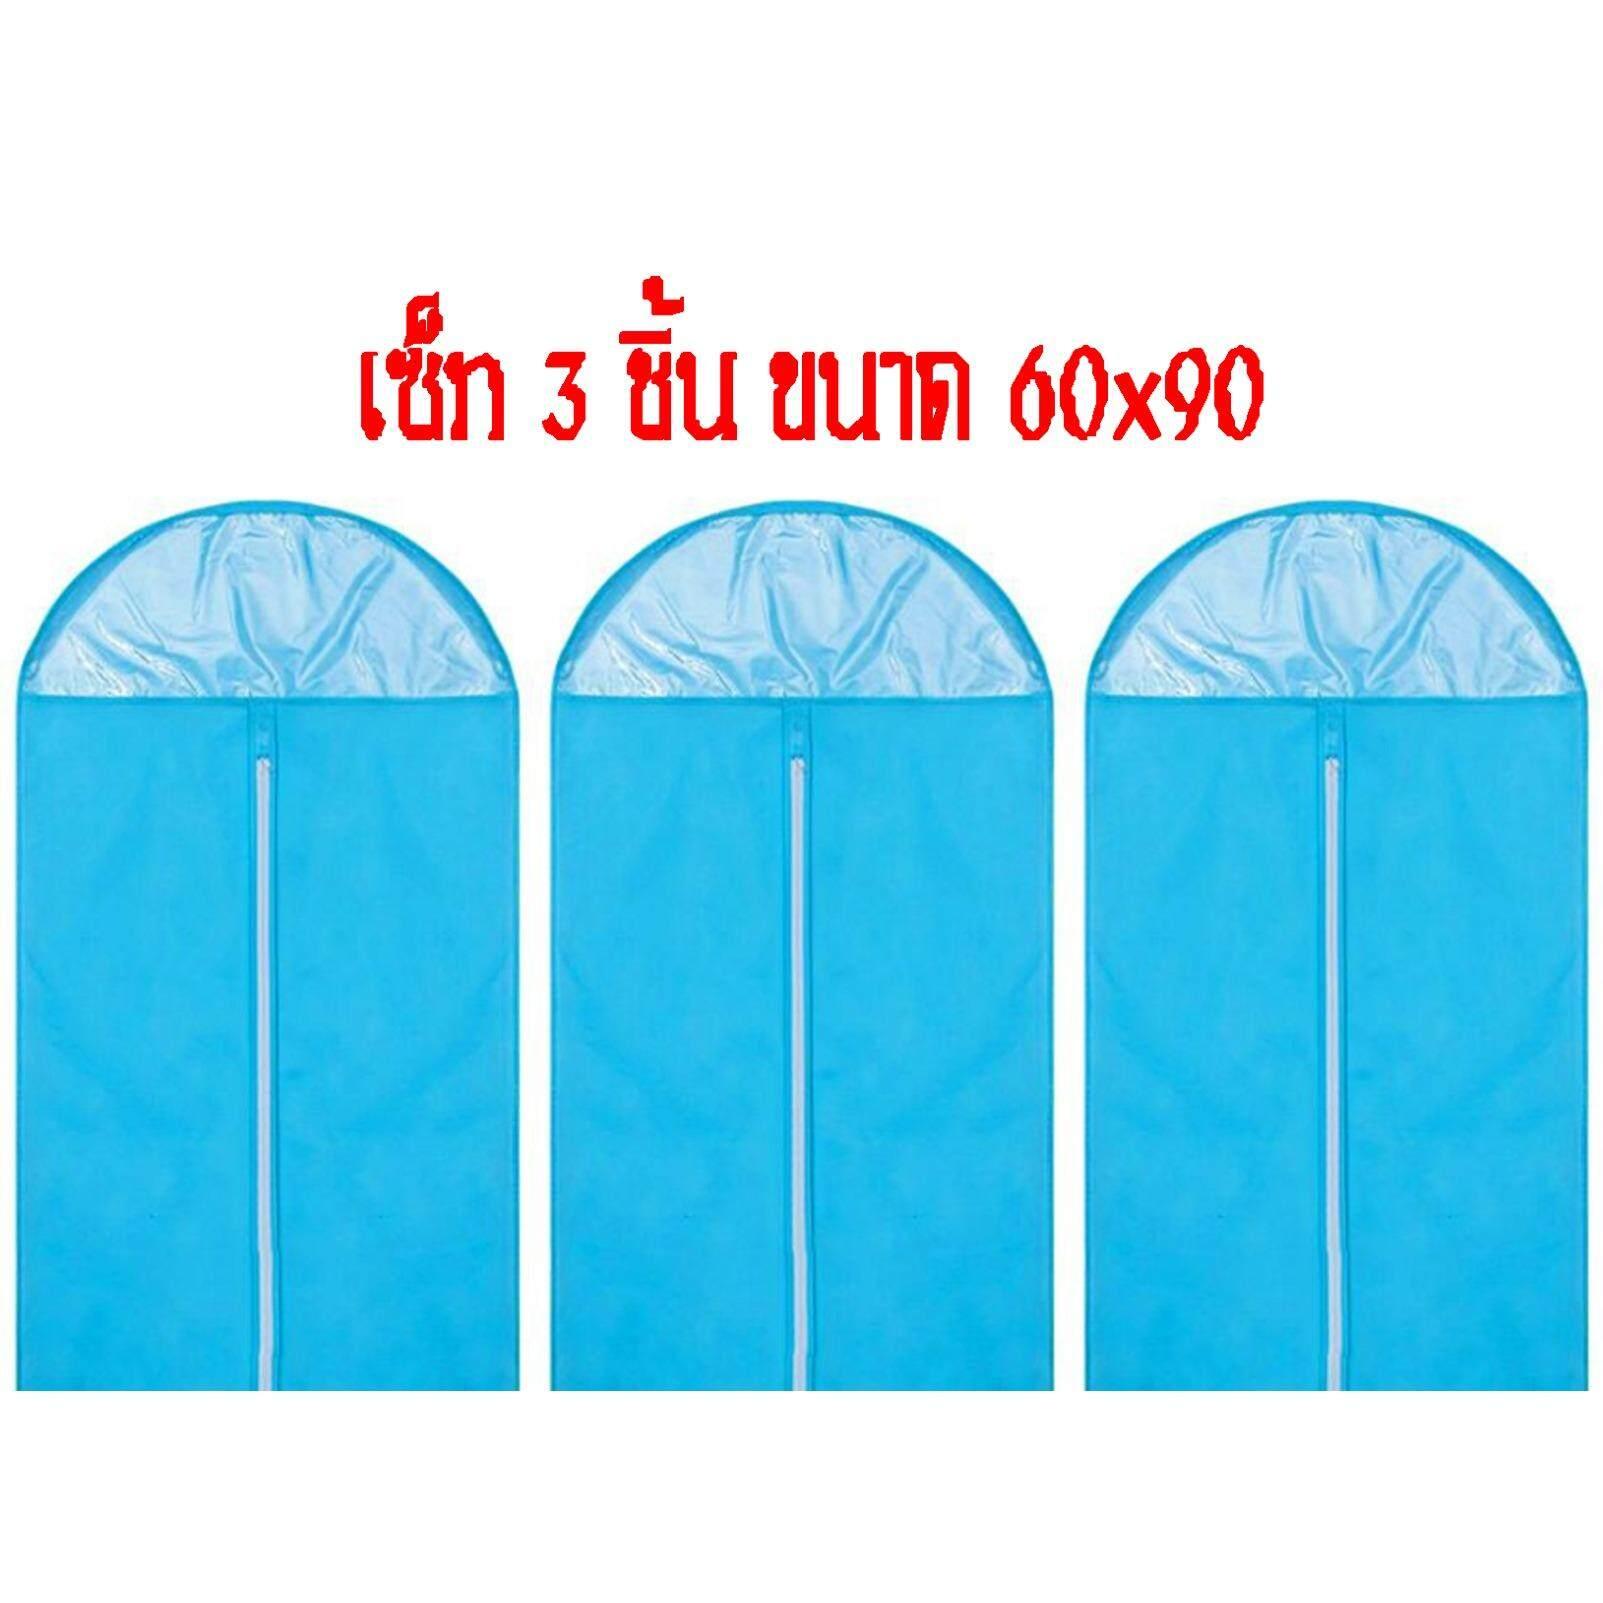 ถุงผ้าคลุม ชุดสูท เสื้อผ้า แพค 3 ขิ้น สีฟ้า ขนาด 60x90